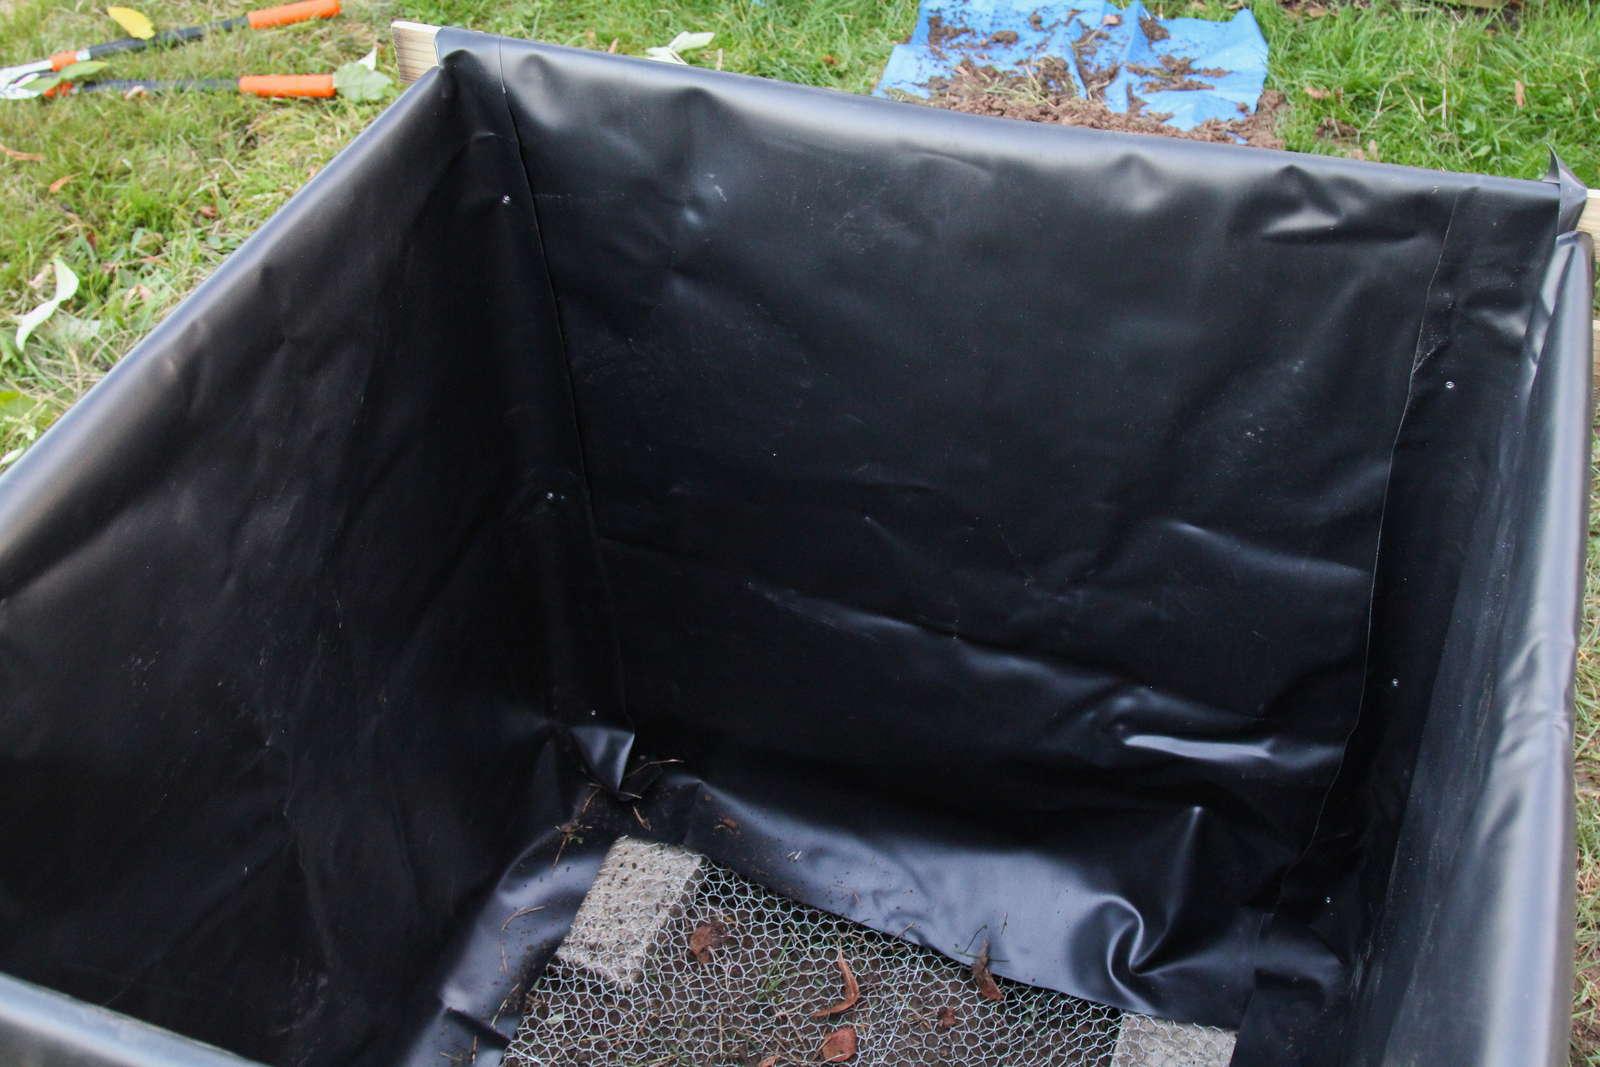 hochbeet bauen anleitung zum selber bauen plantura. Black Bedroom Furniture Sets. Home Design Ideas